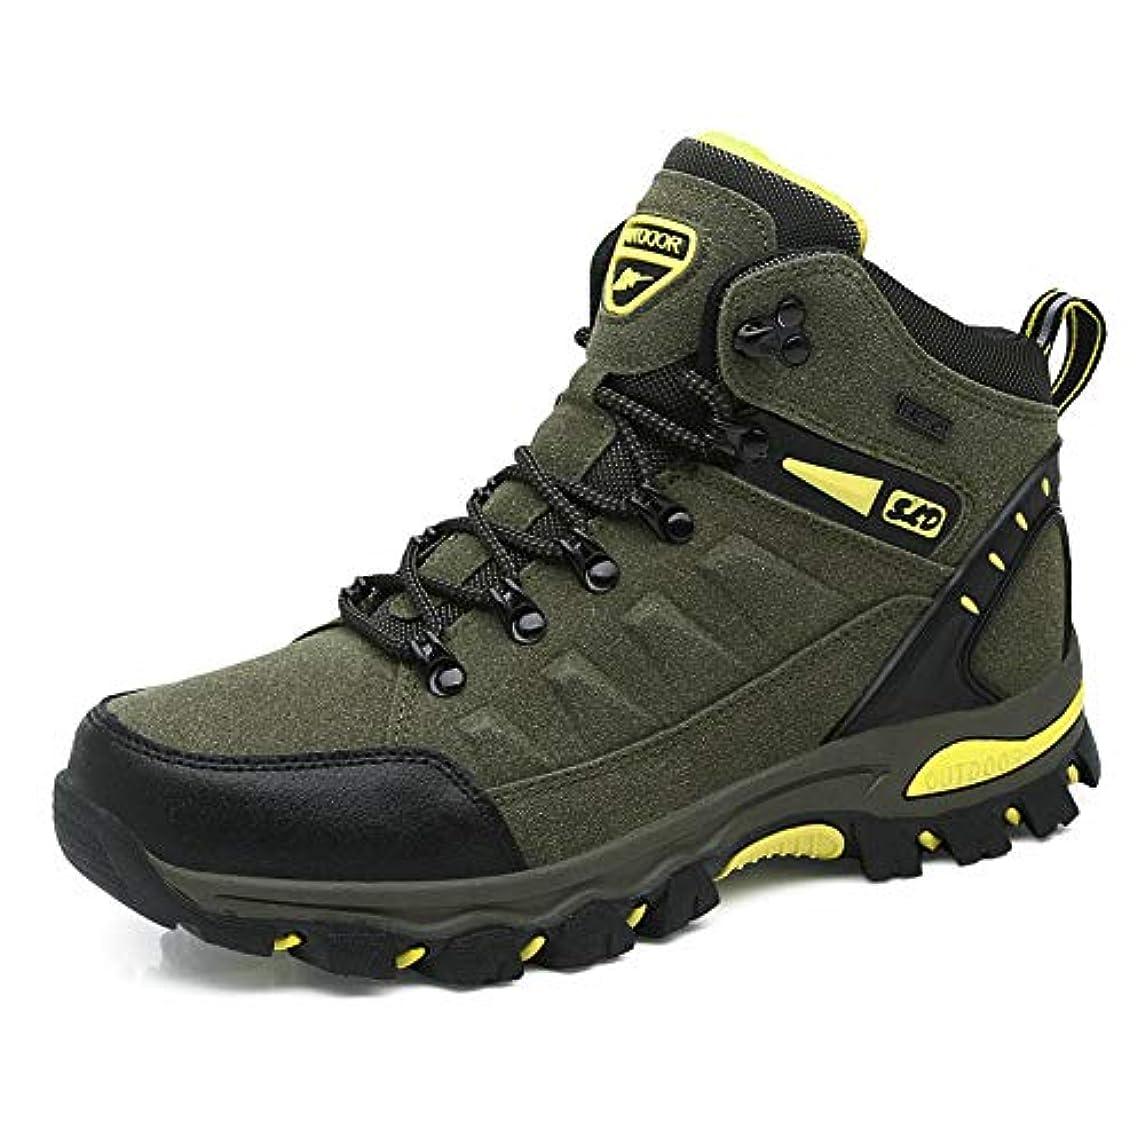 資源シリンダーの中で[TcIFE] トレッキングシューズ メンズ 防水 防滑 ハイカット 登山靴 大きいサイズ ハイキングシューズ メンズ 耐磨耗 ハイキングシューズ メンズ 通気性 スニーカー